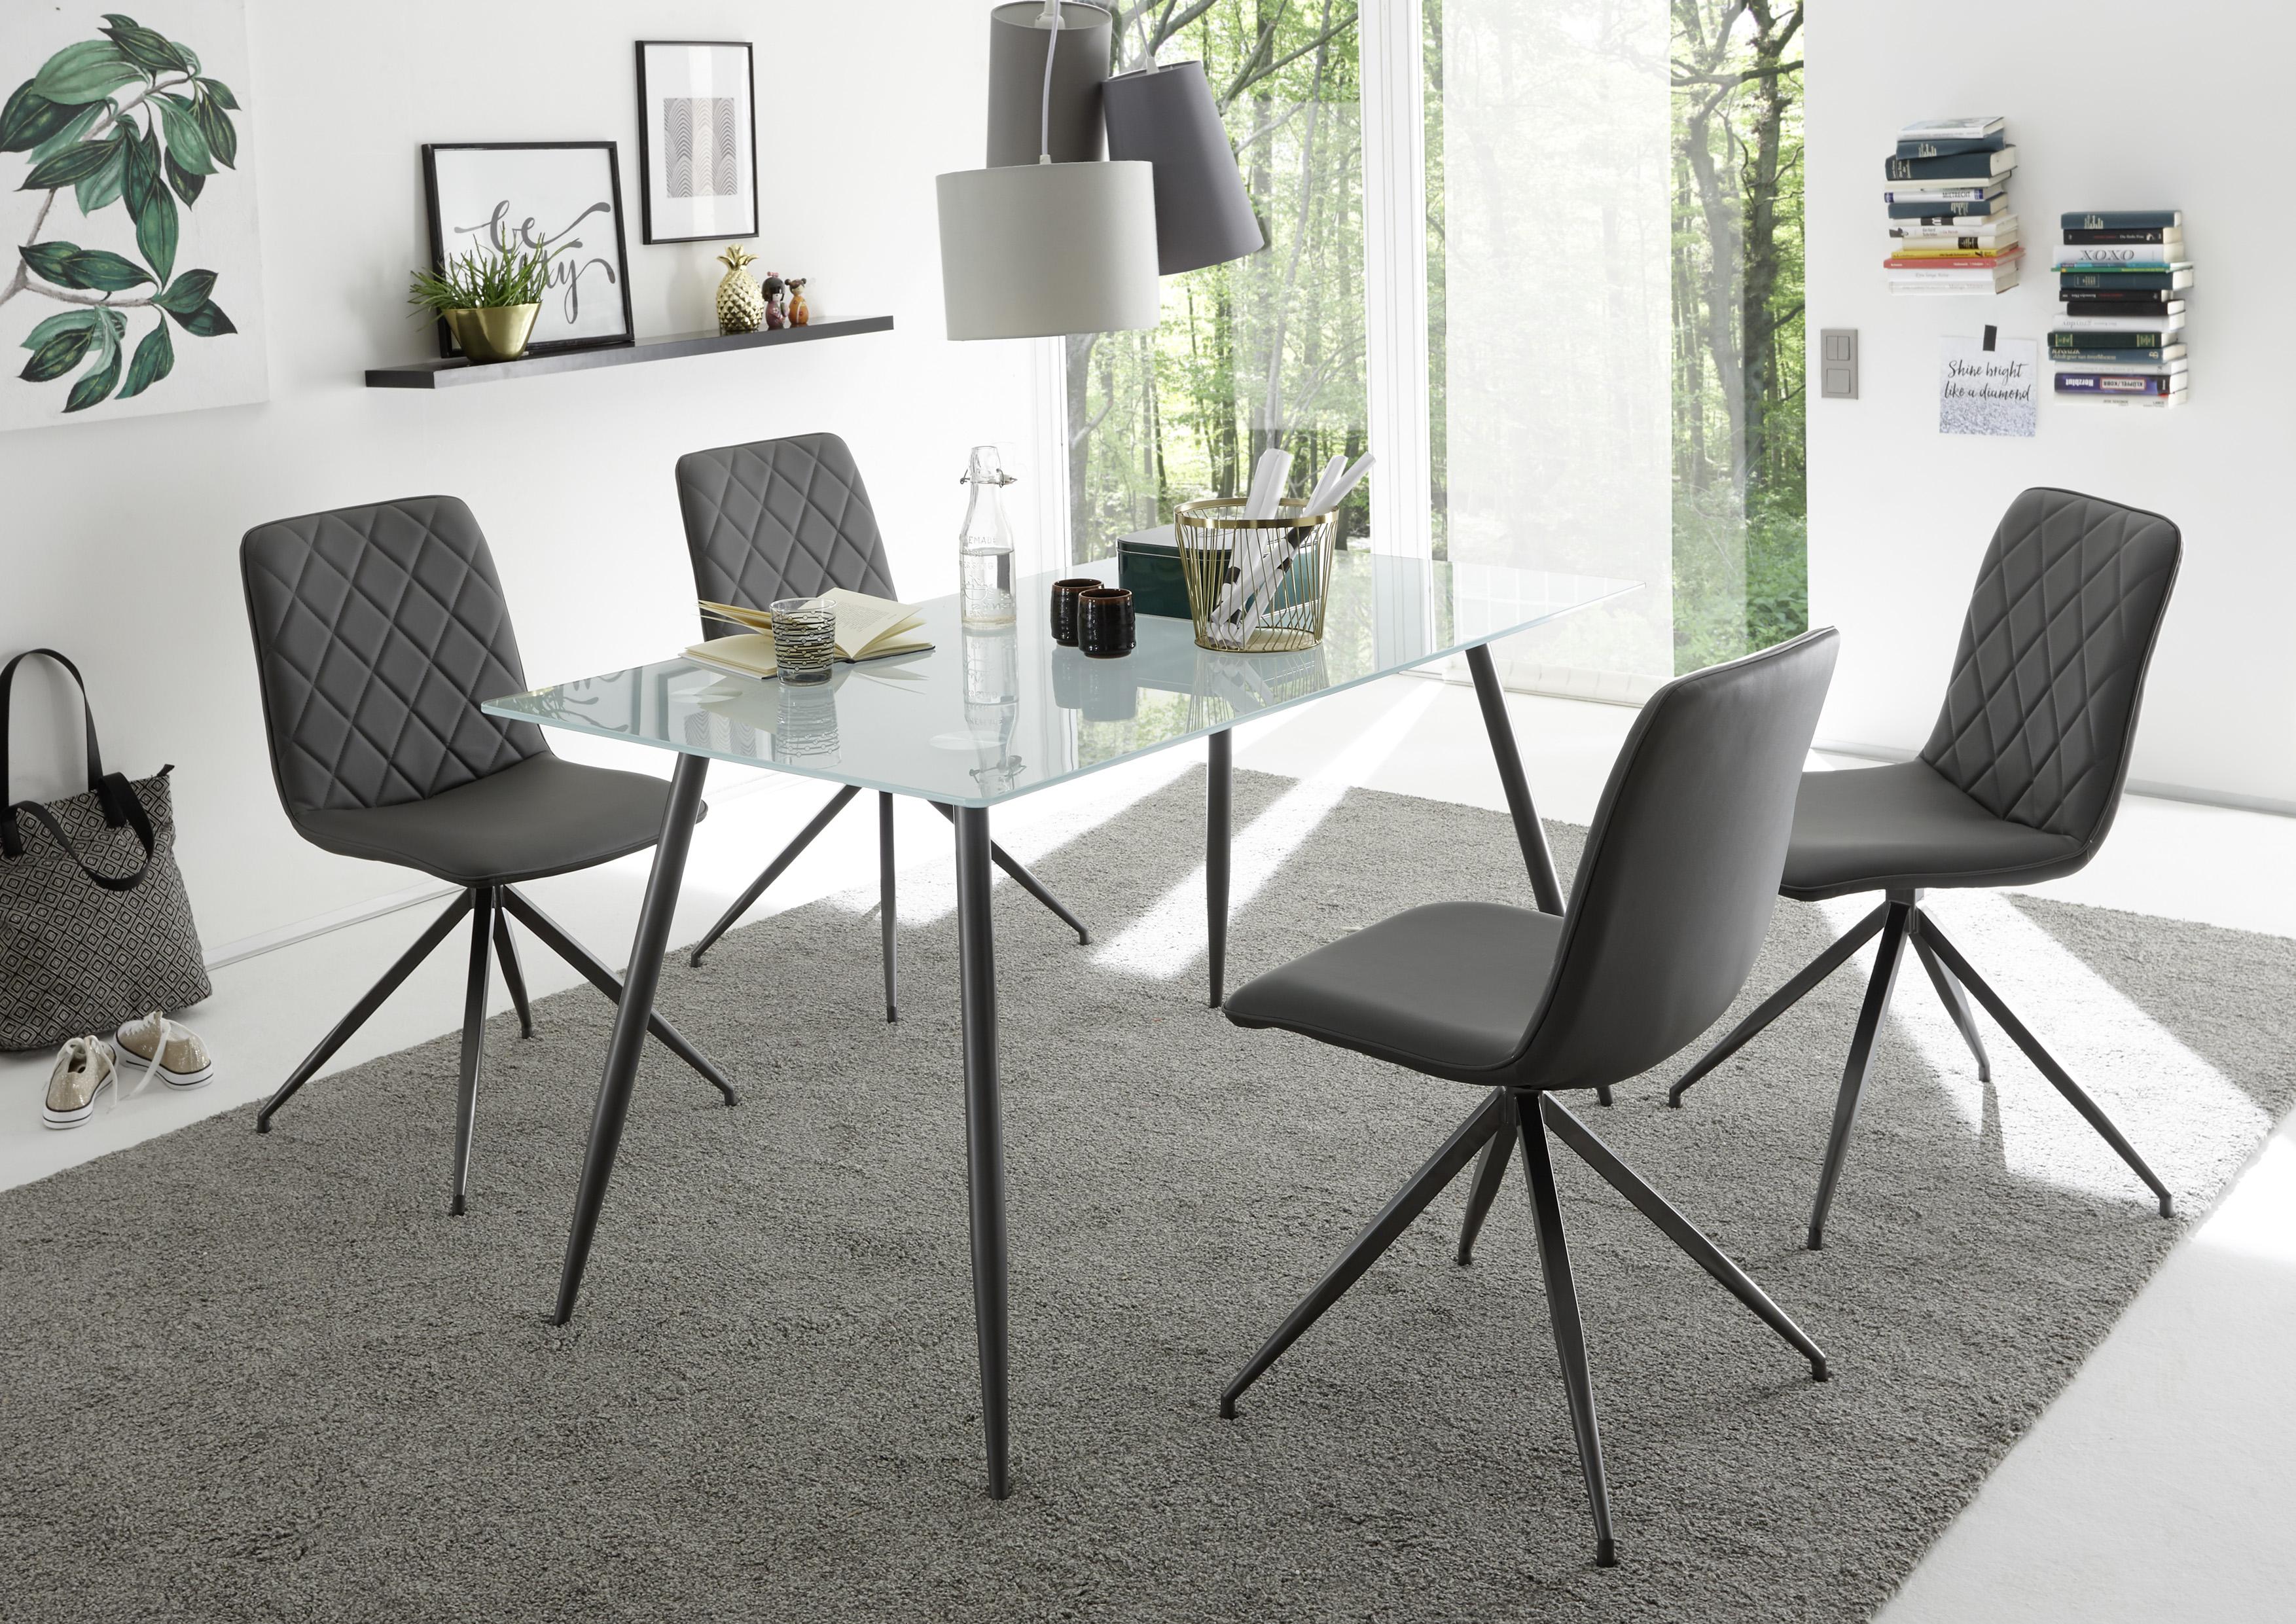 Essgruppe Tischgruppe Kasia Esstisch140cm Mit 4 Stuhlen Glas